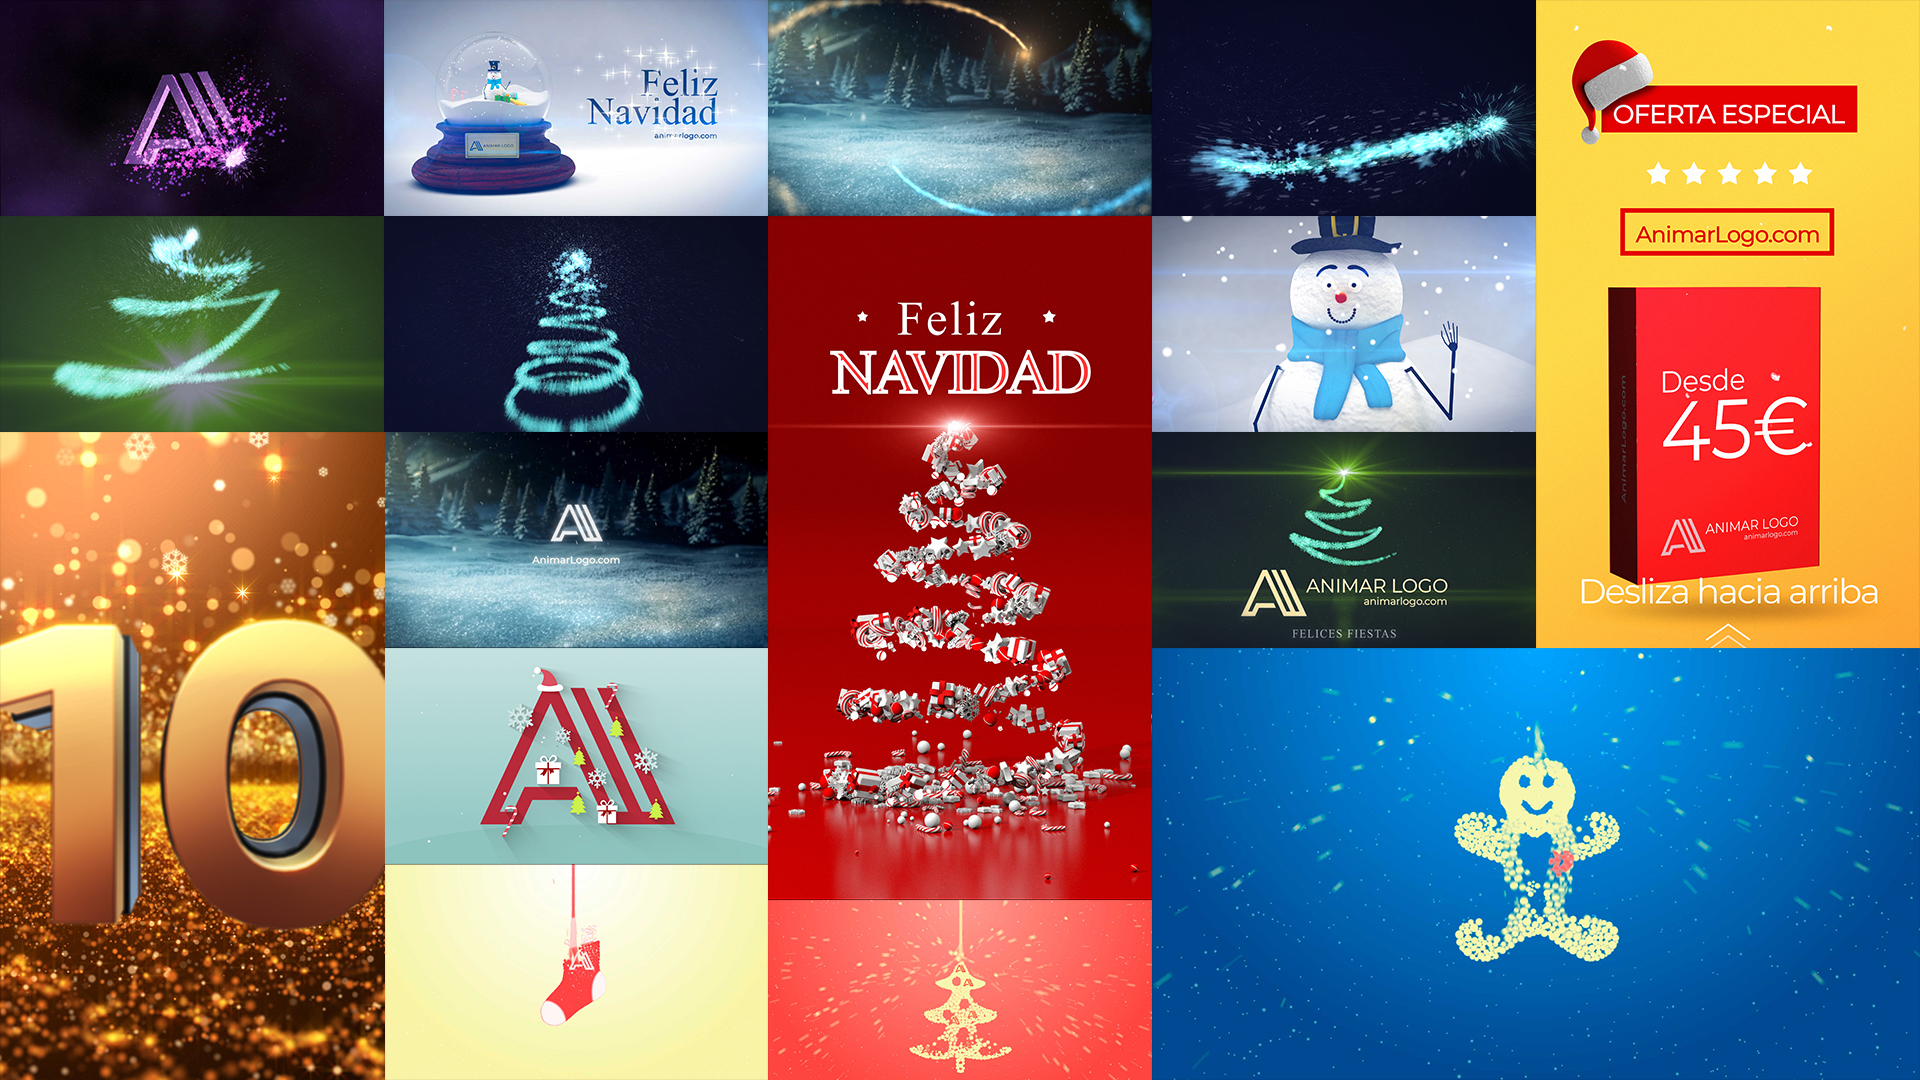 Felicitar la Navidad con vídeo - Felicitaciones navideñas personalizadas con tu logotipo y tu eslogan AnimarLogo